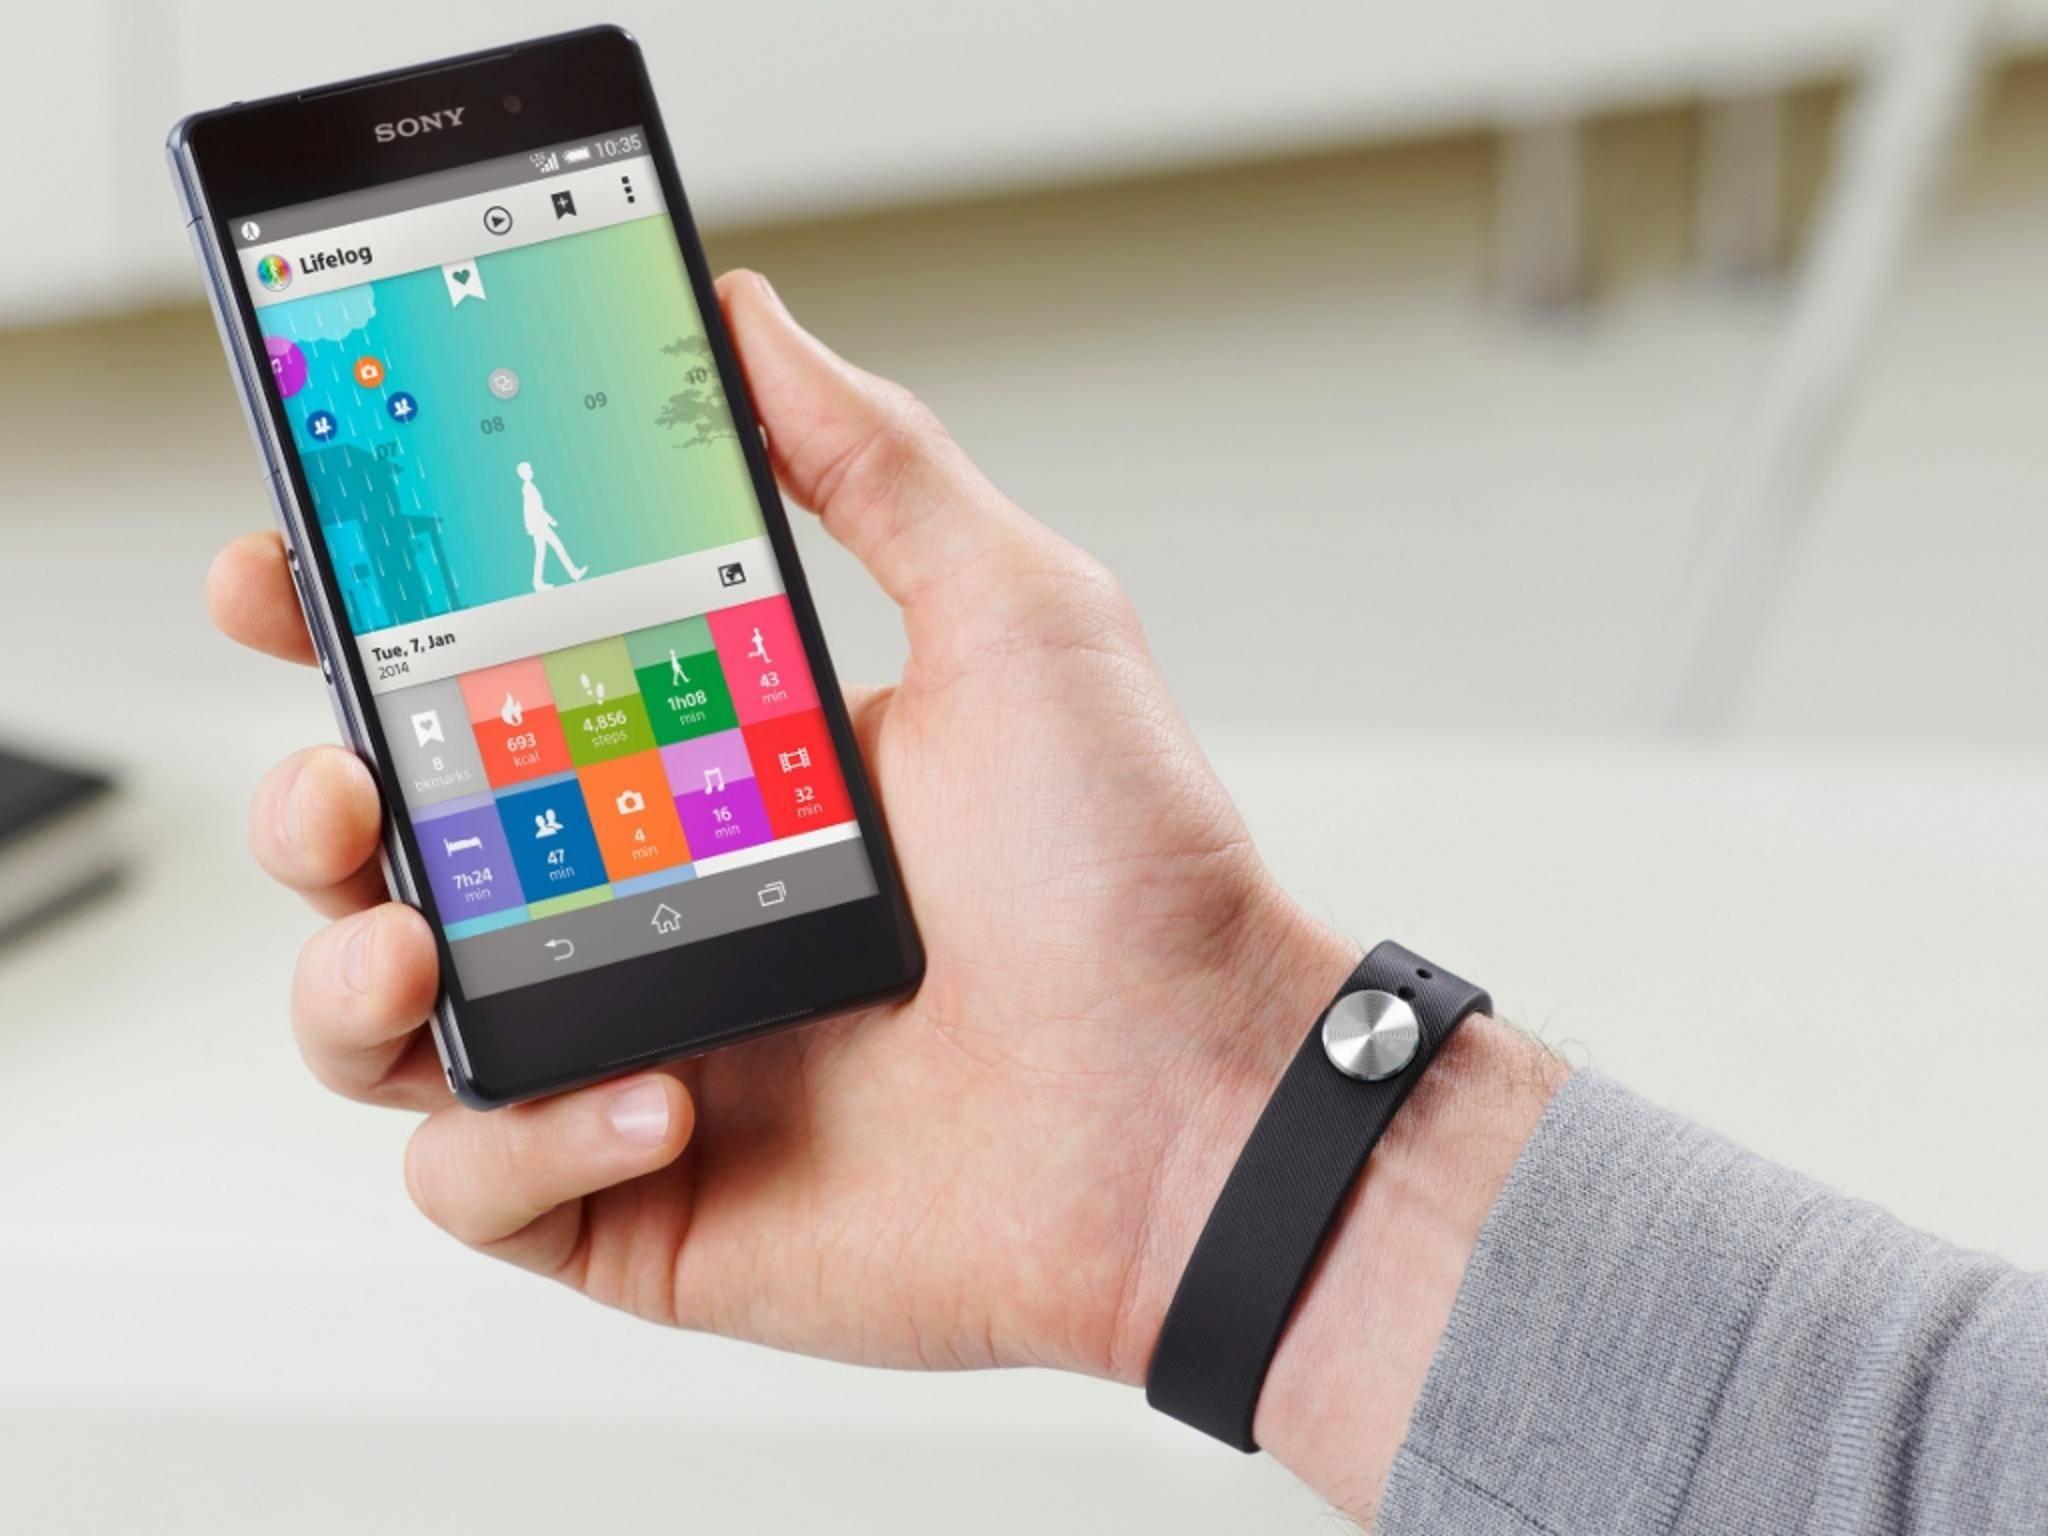 Offenbar dürfte schon in Kürze ein Nachfolger des Sony SmartBand erscheinen.